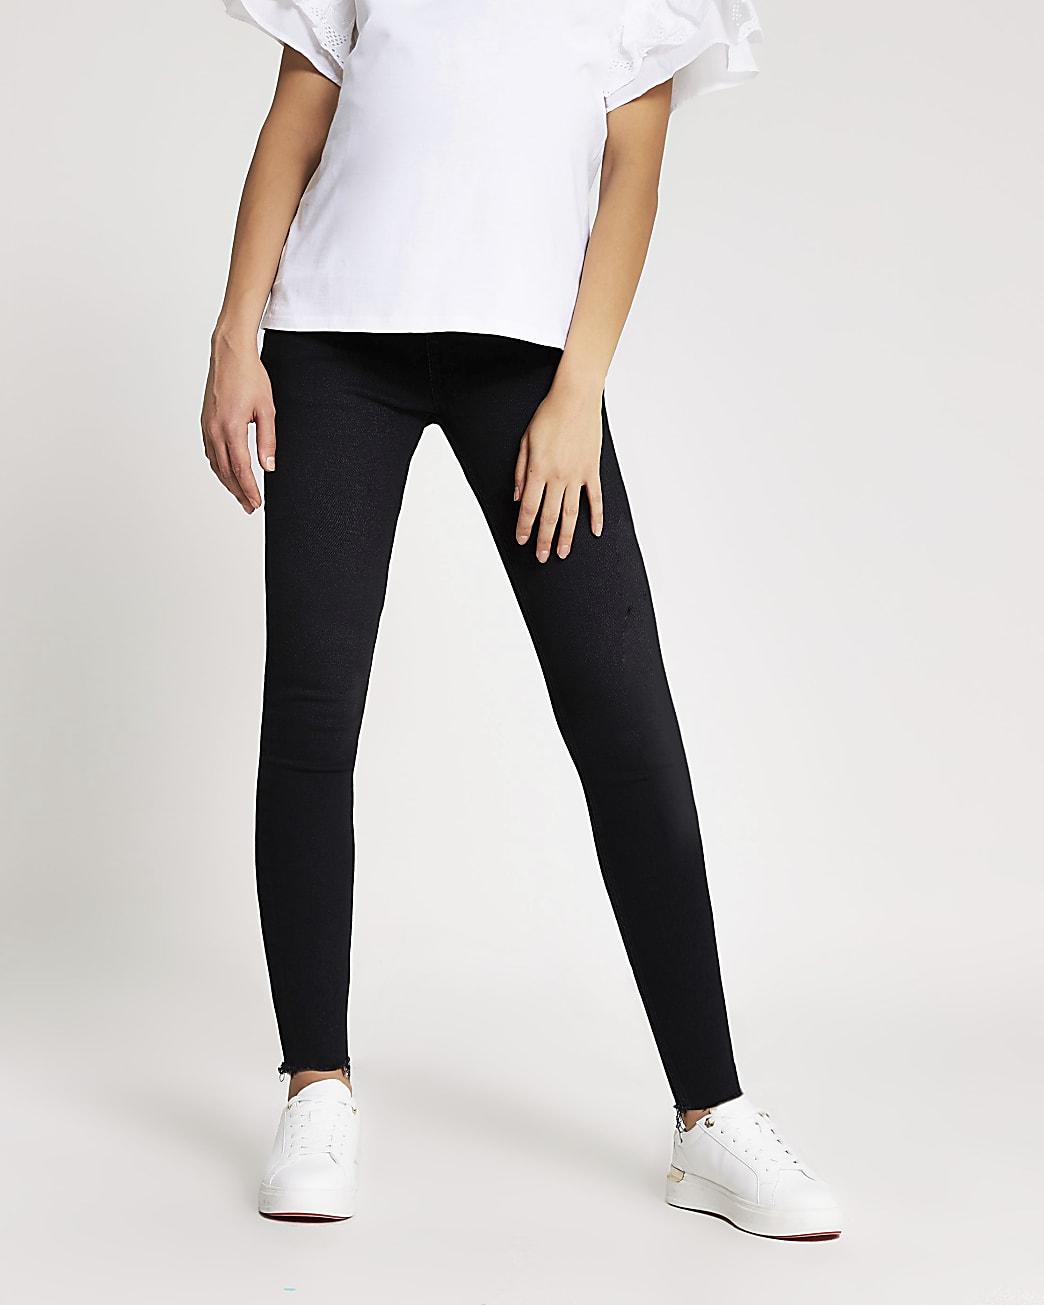 Black Amelie underbump maternity jeans